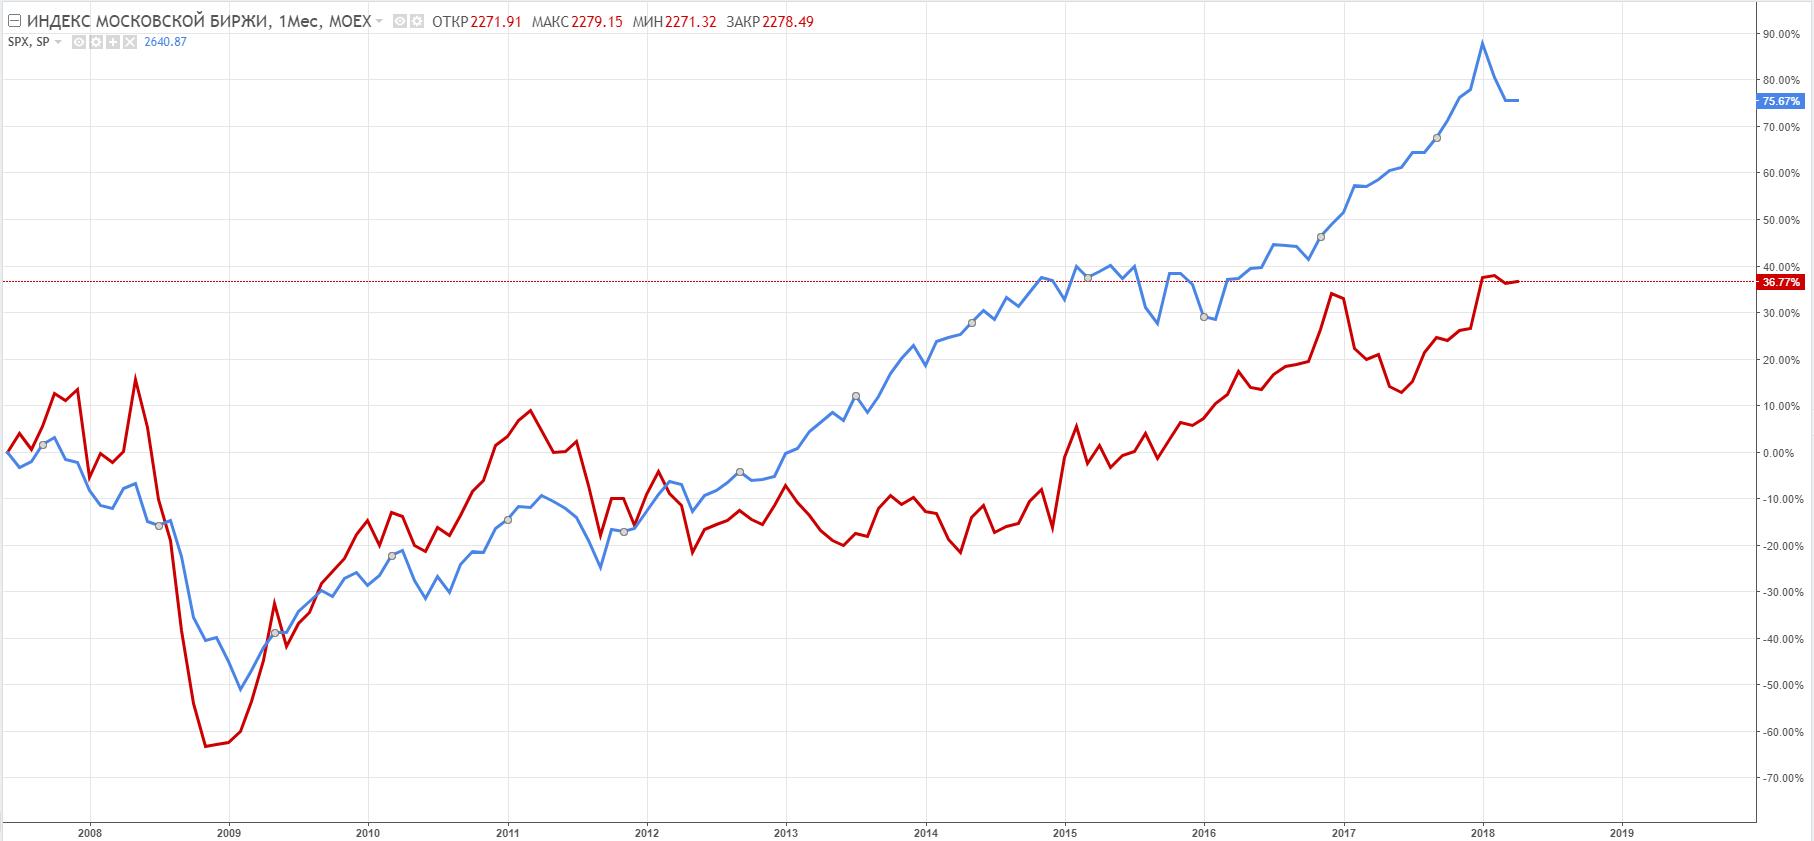 Индекс МосБиржи (красная линия) и индекс S&P500 (синяя линия), месячный график, сравнительная динамика